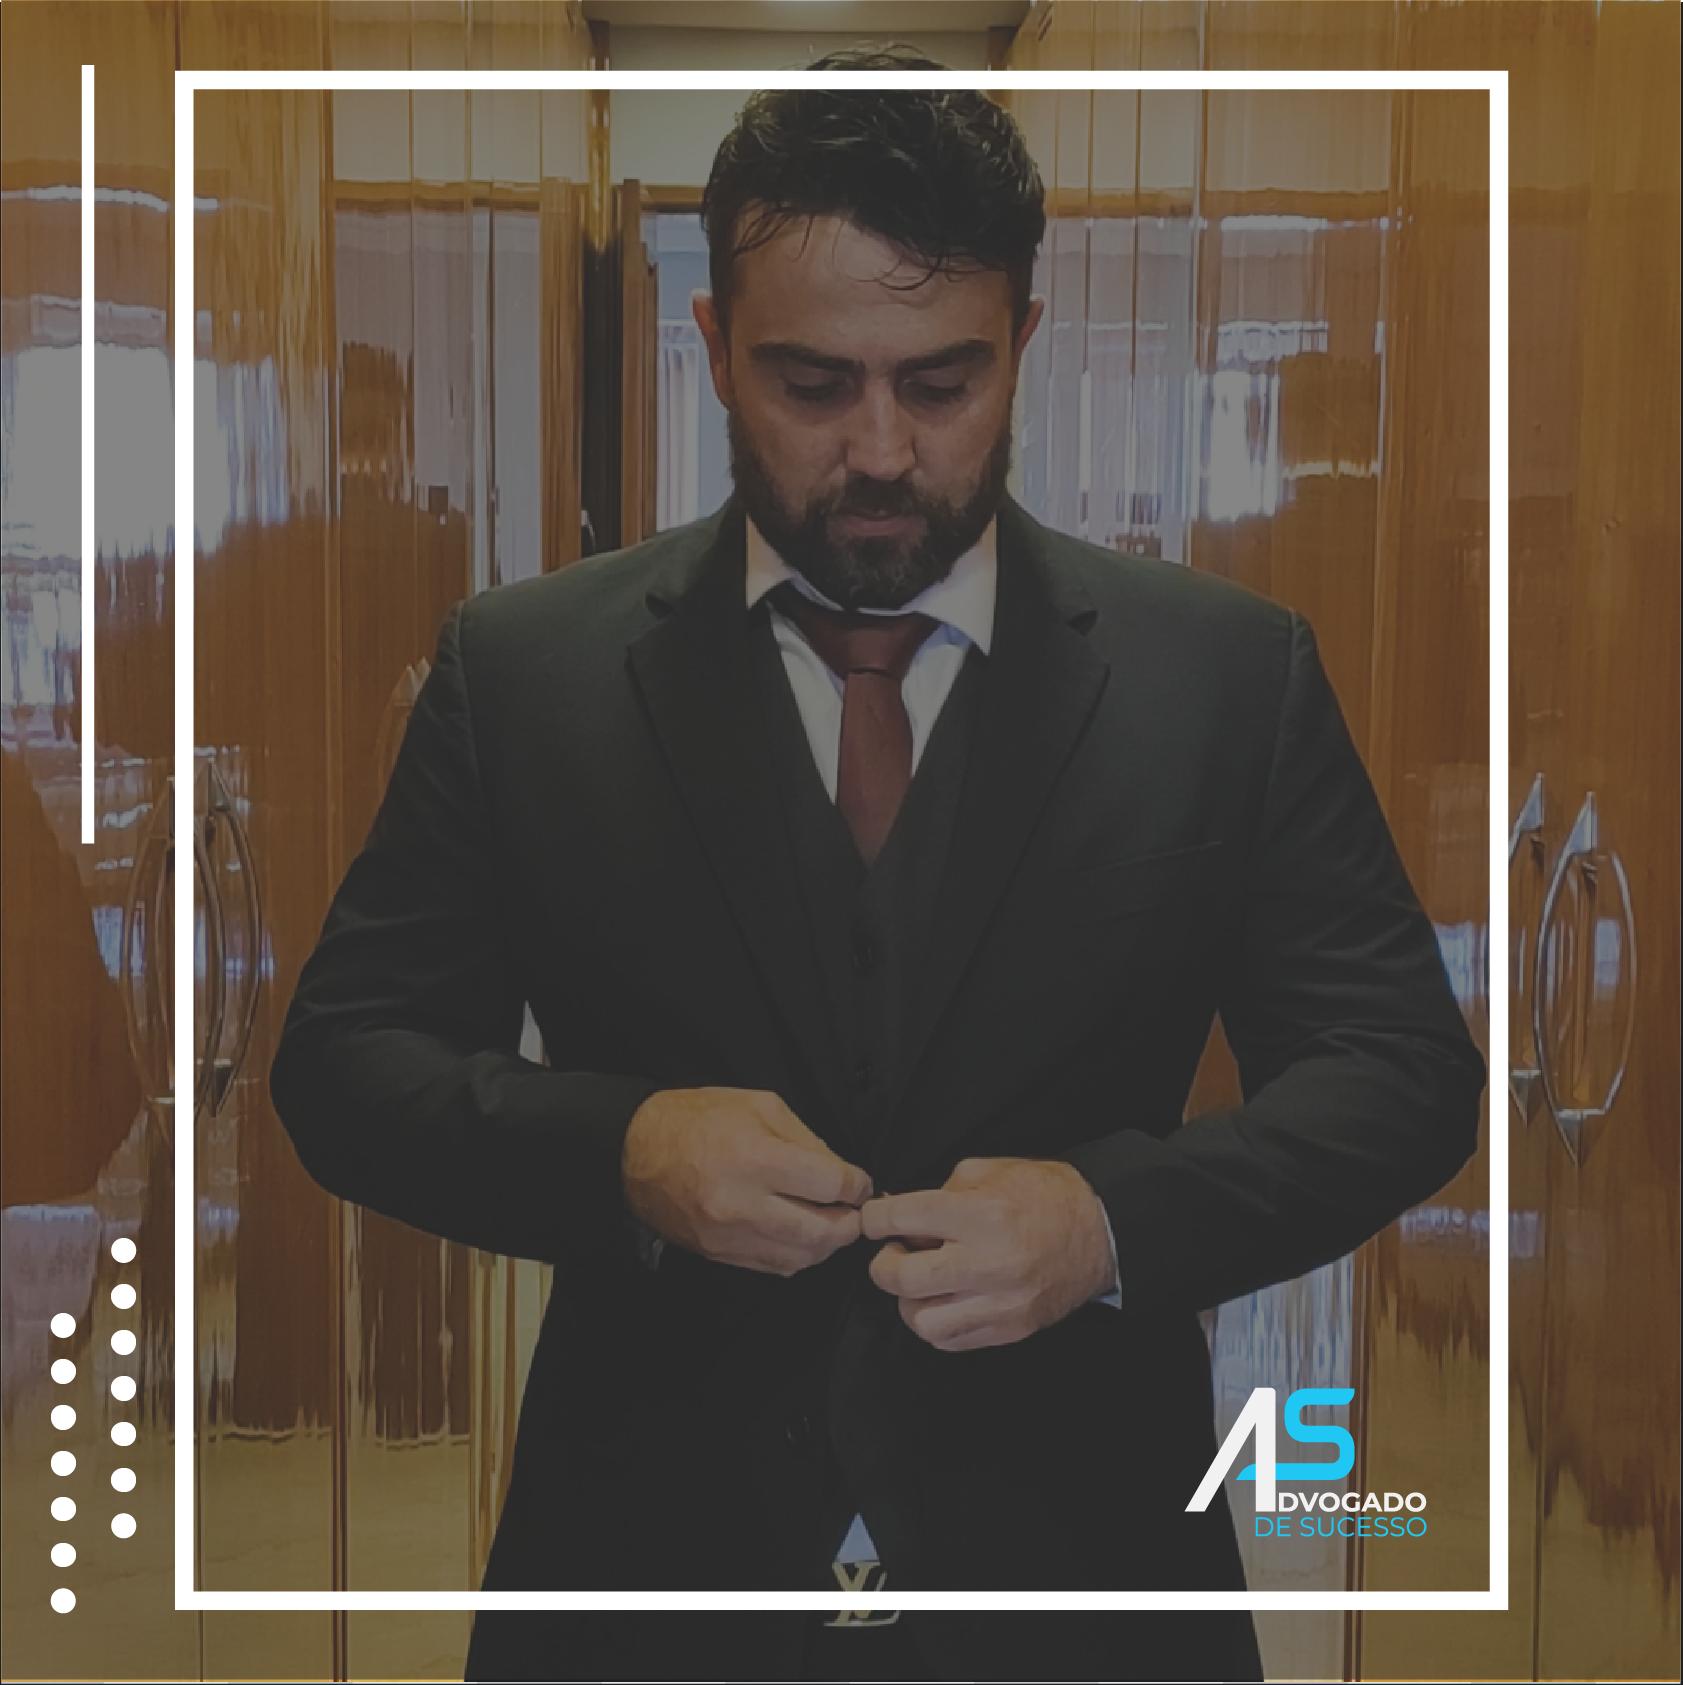 Vida de Advogado. Maiores medos 2 – Obtenção de clientela.